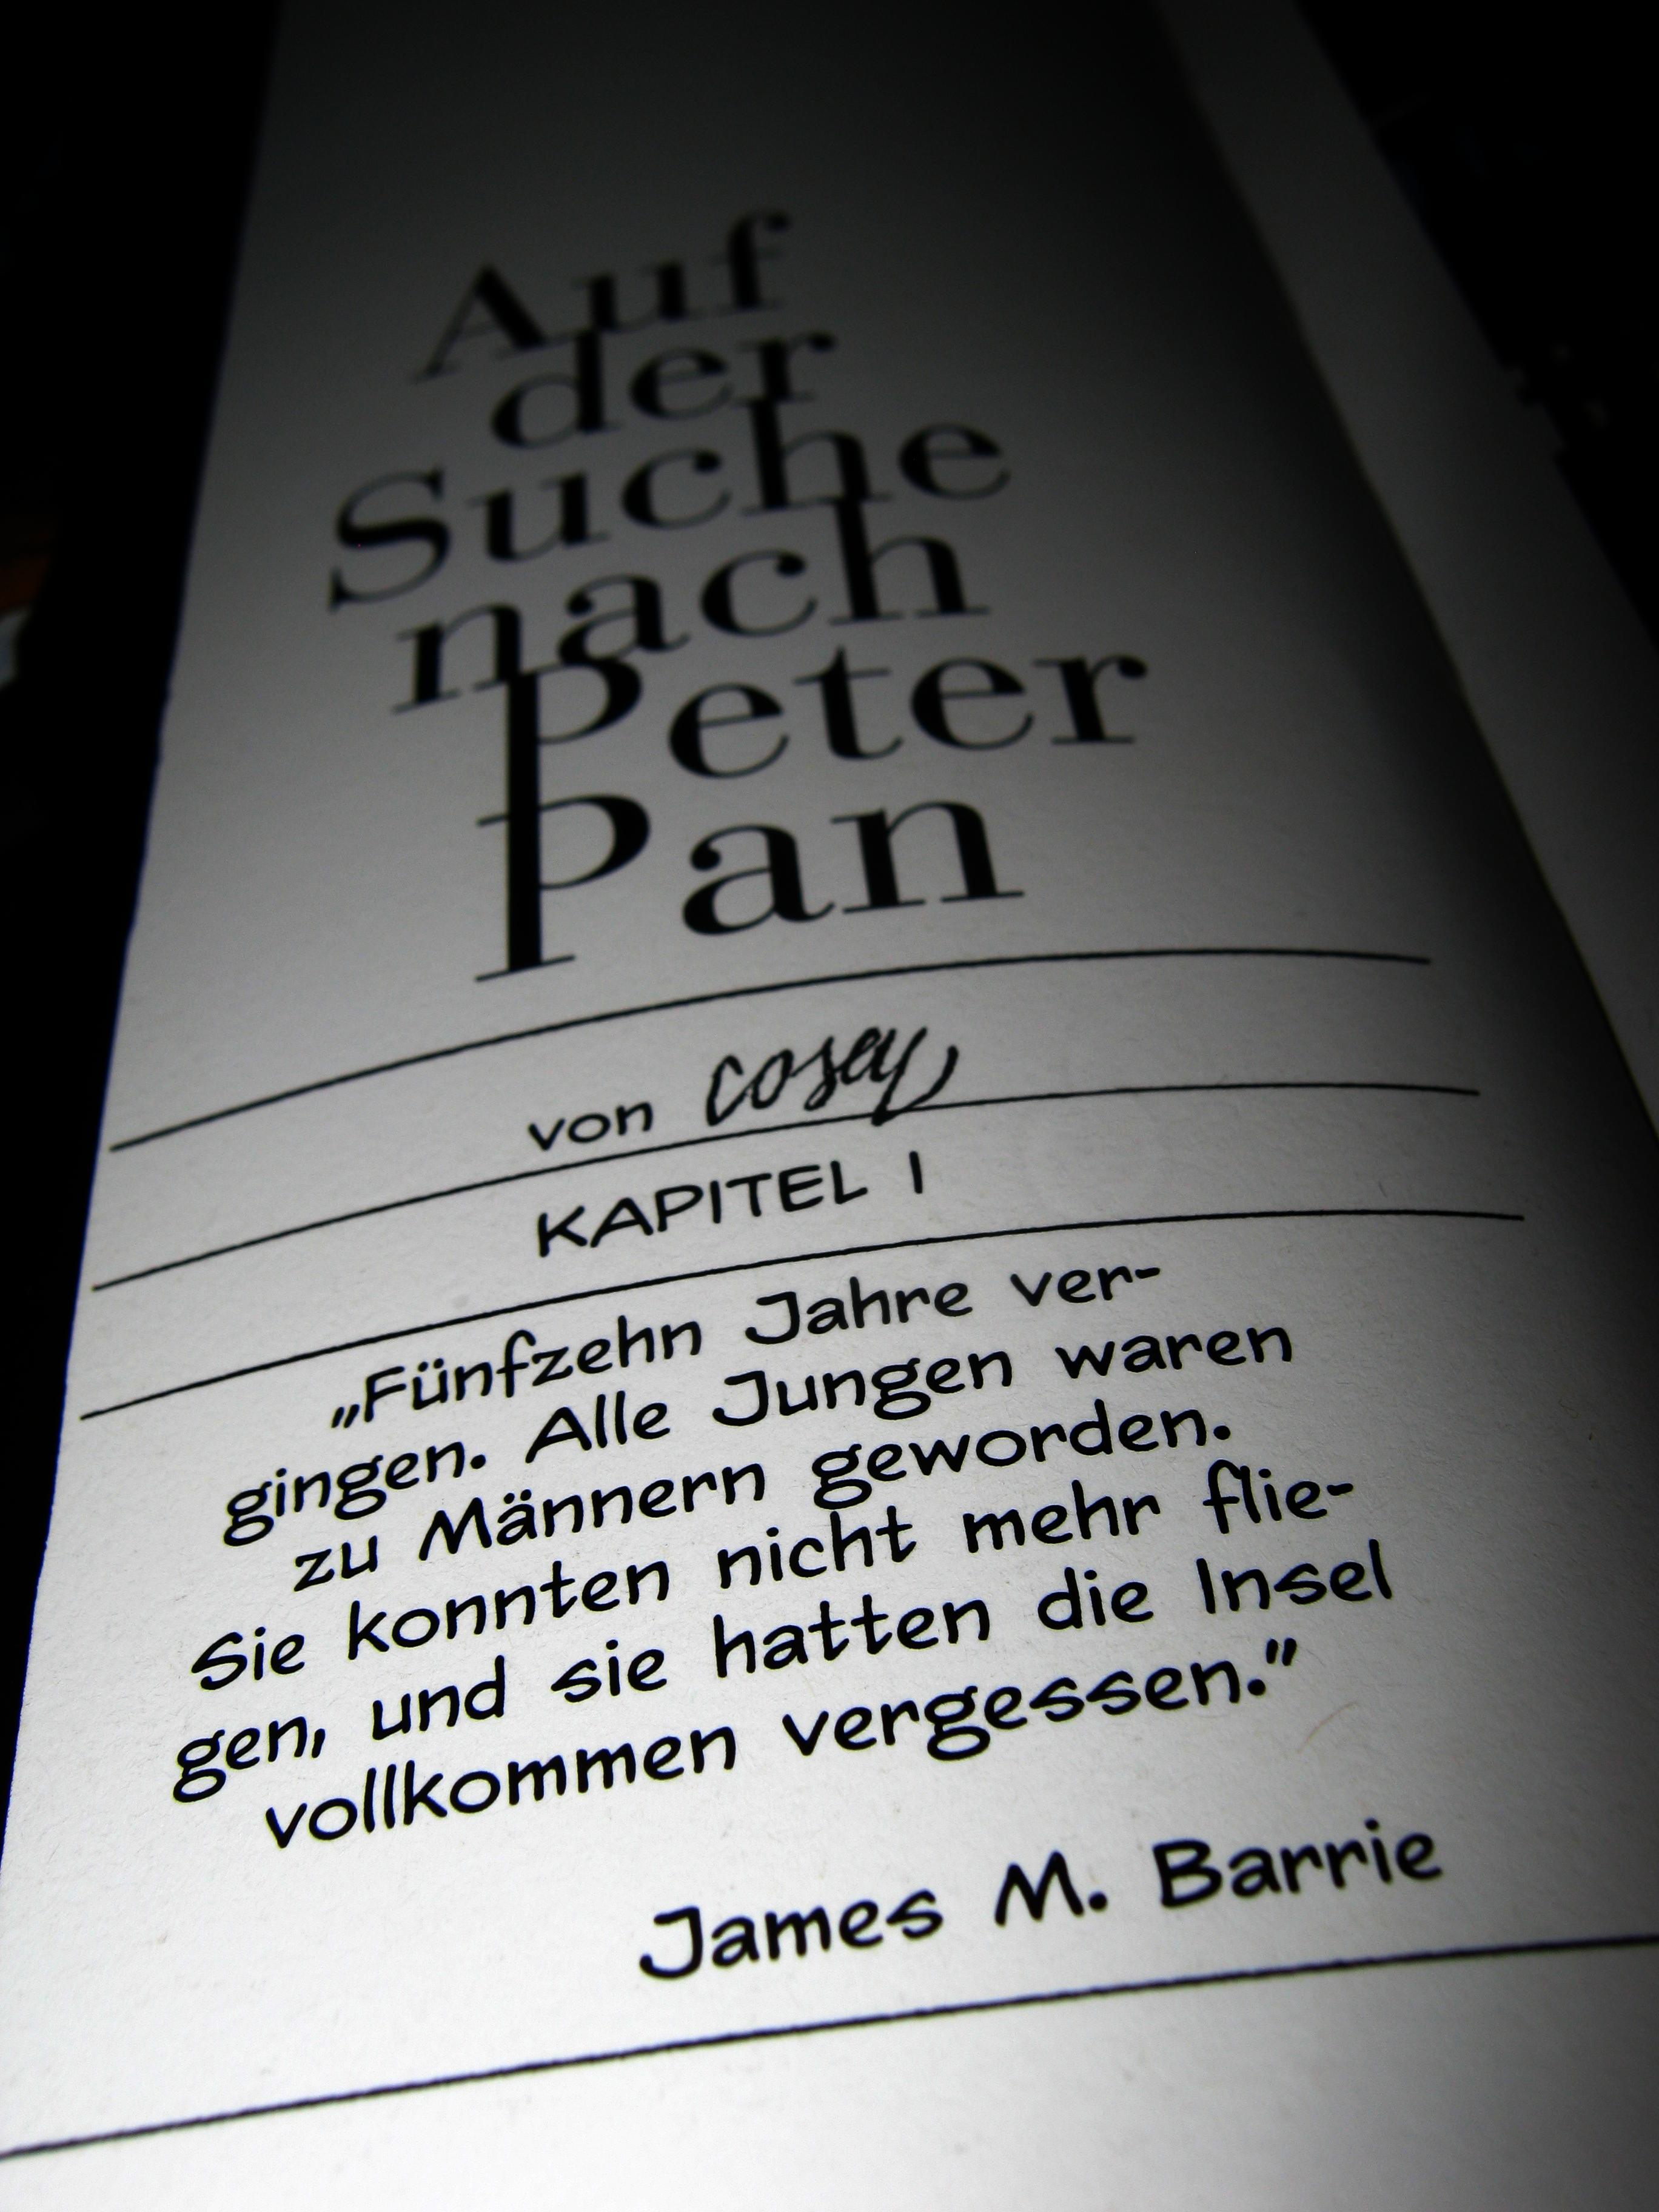 Peter Pan Zitate Deutsch